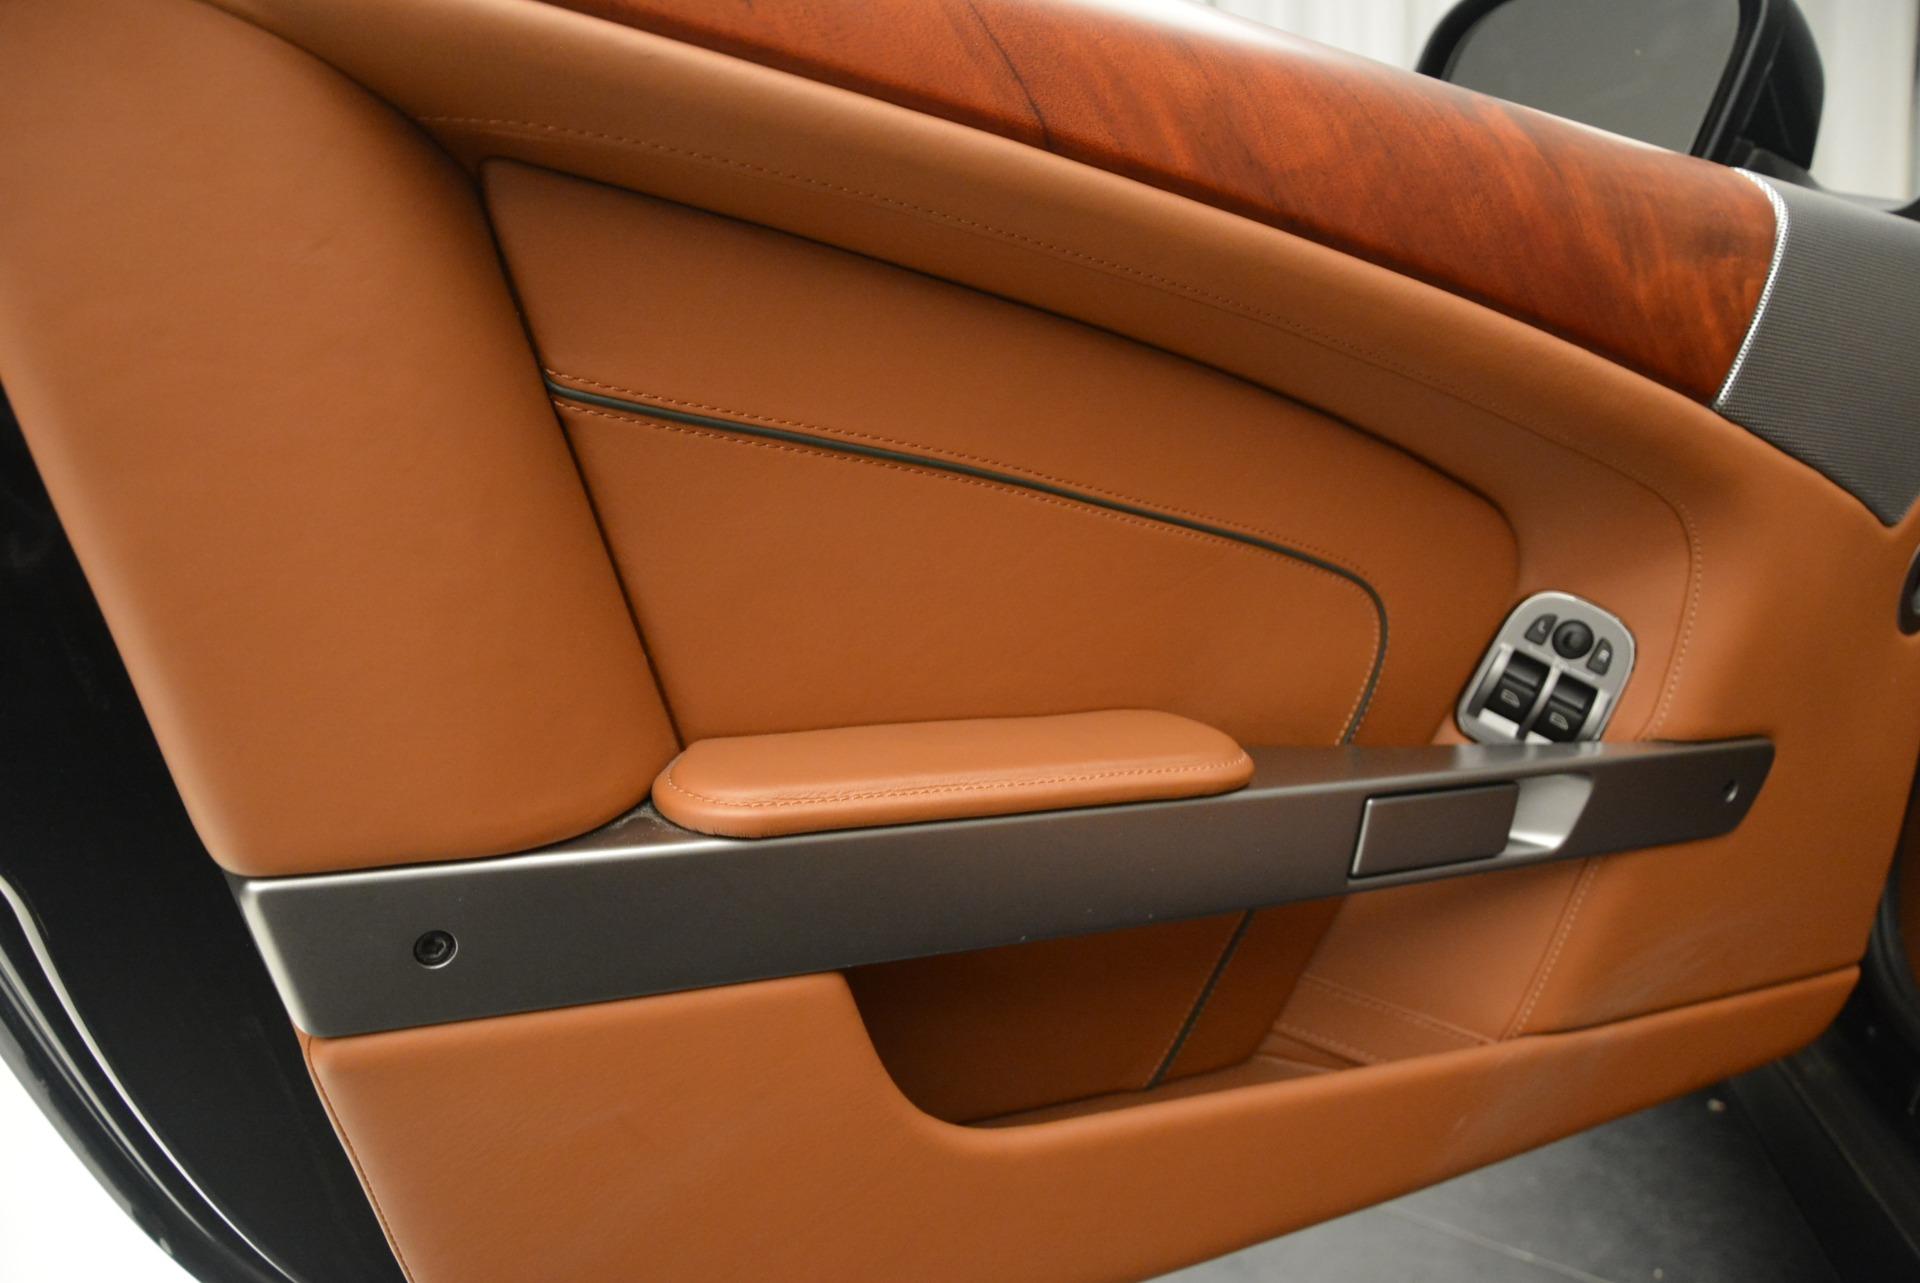 Used 2012 Aston Martin Virage Volante For Sale In Greenwich, CT. Alfa Romeo of Greenwich, 7641 2508_p23